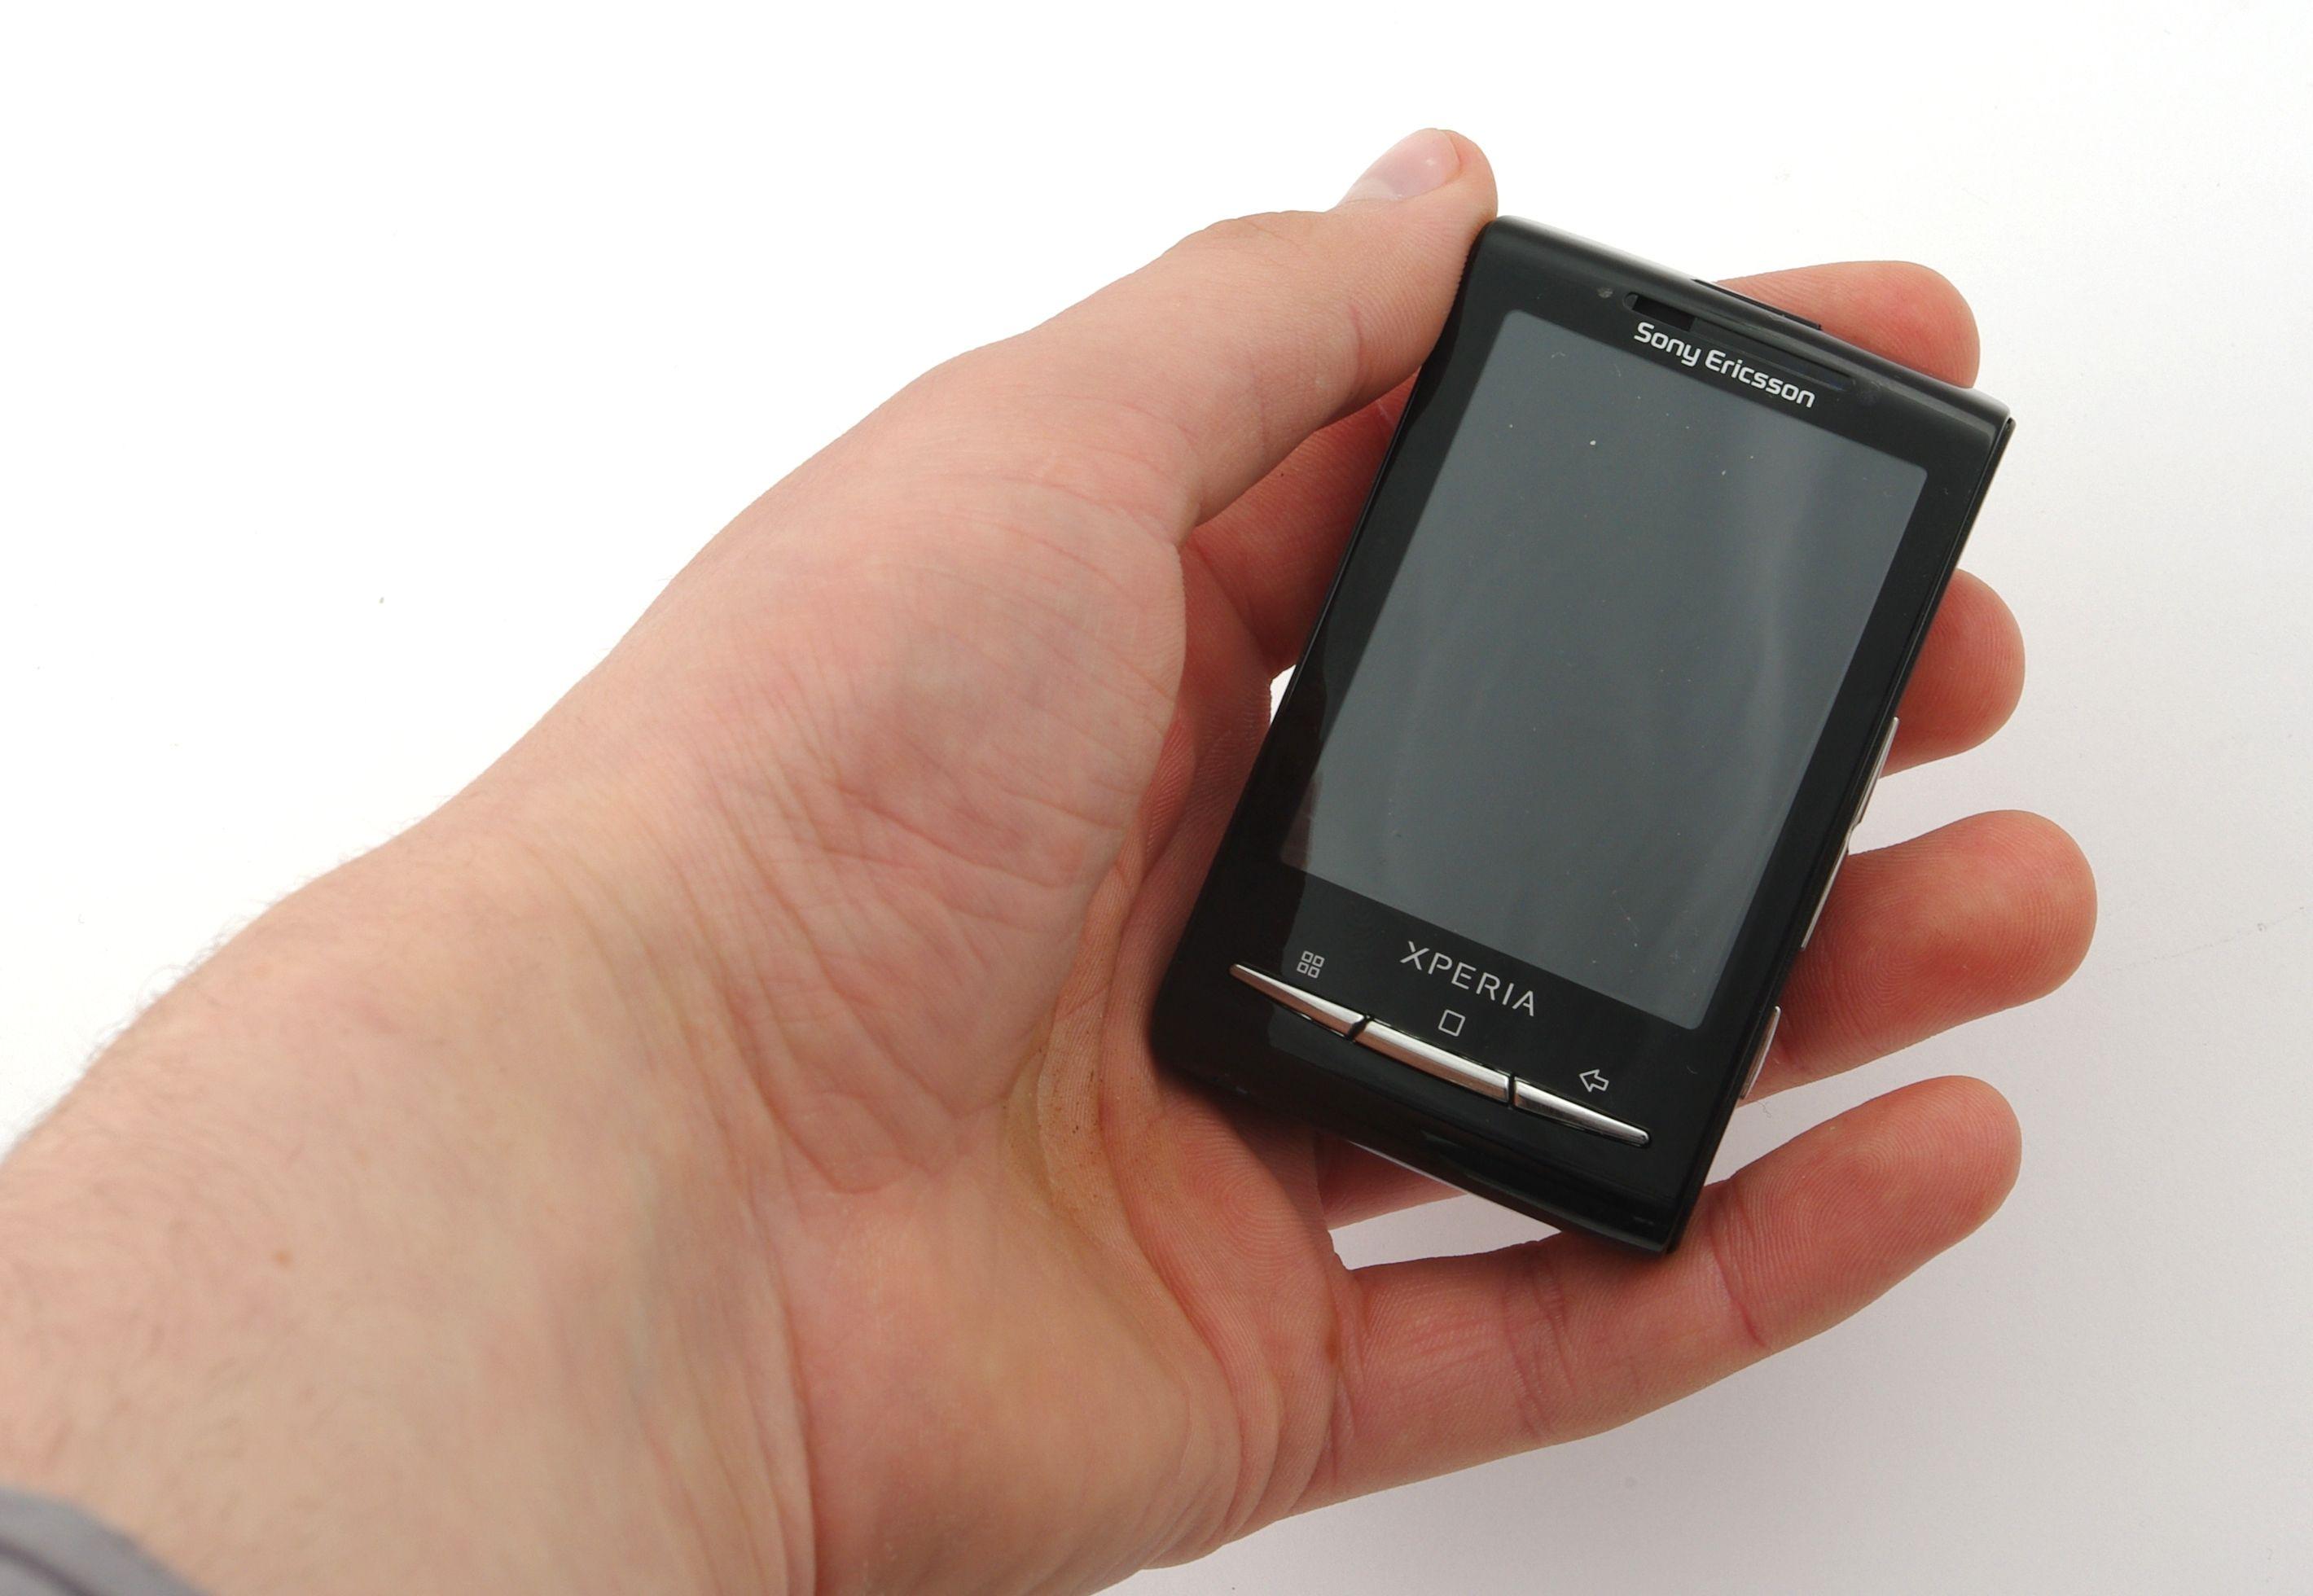 Selv hånden til en nett håndmodell blir stor i forhold til X10 Mini.